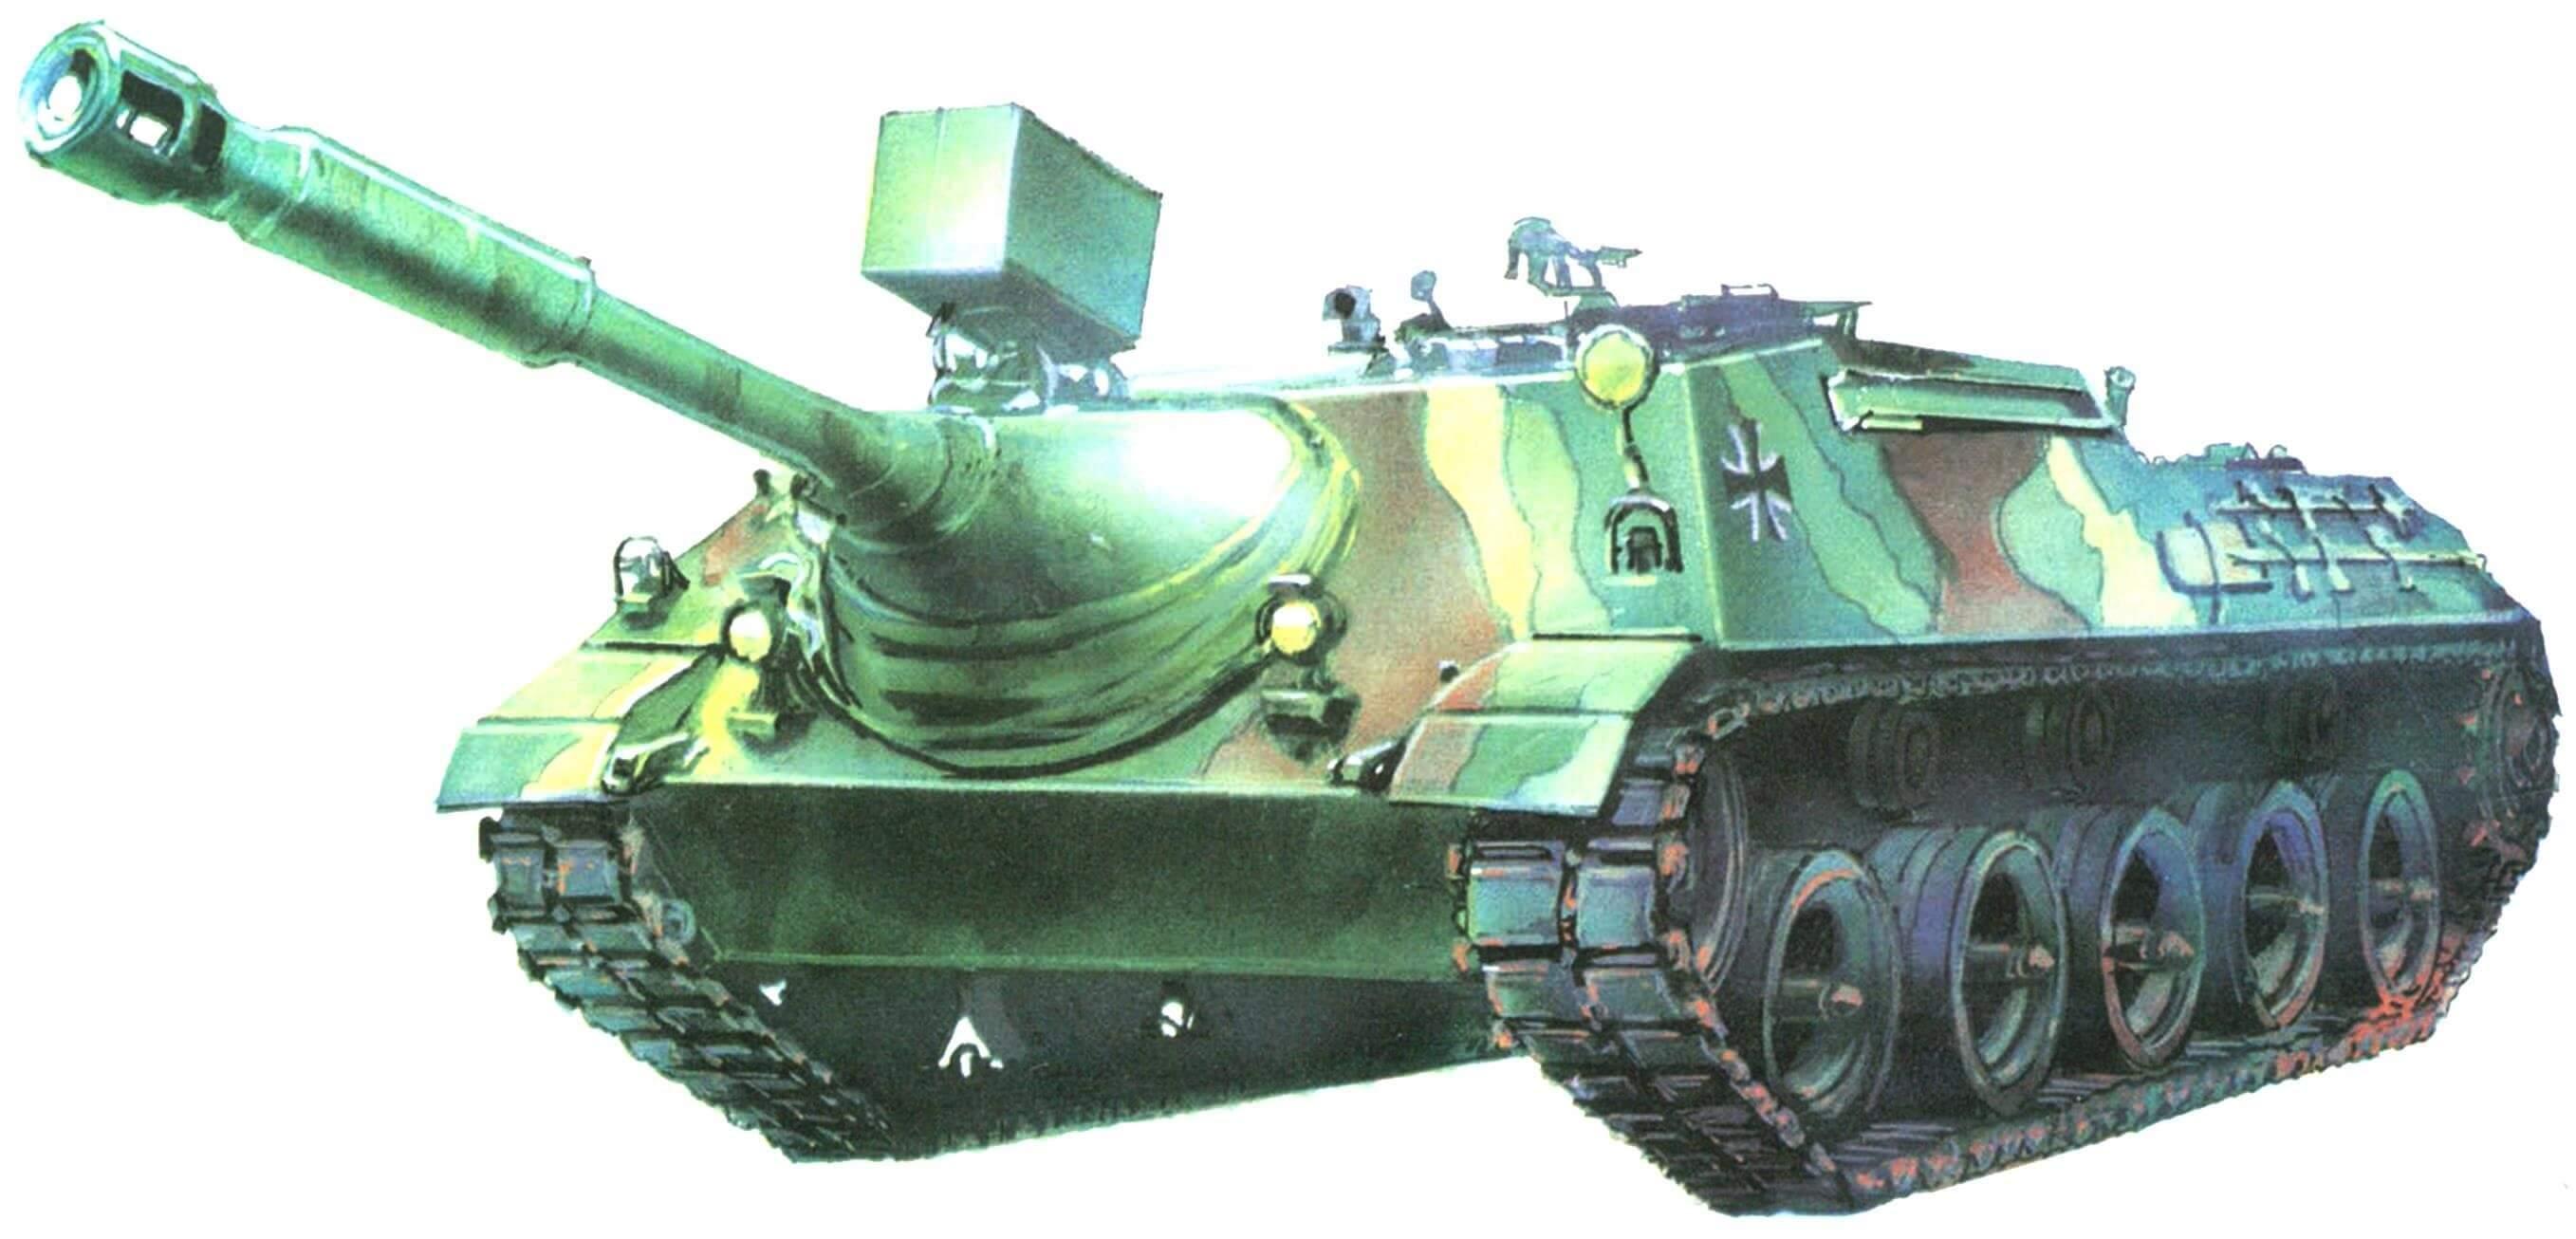 Kanonenjagdpanzer в типовом многоцветном камуфляже бундесвера. 70-е годы